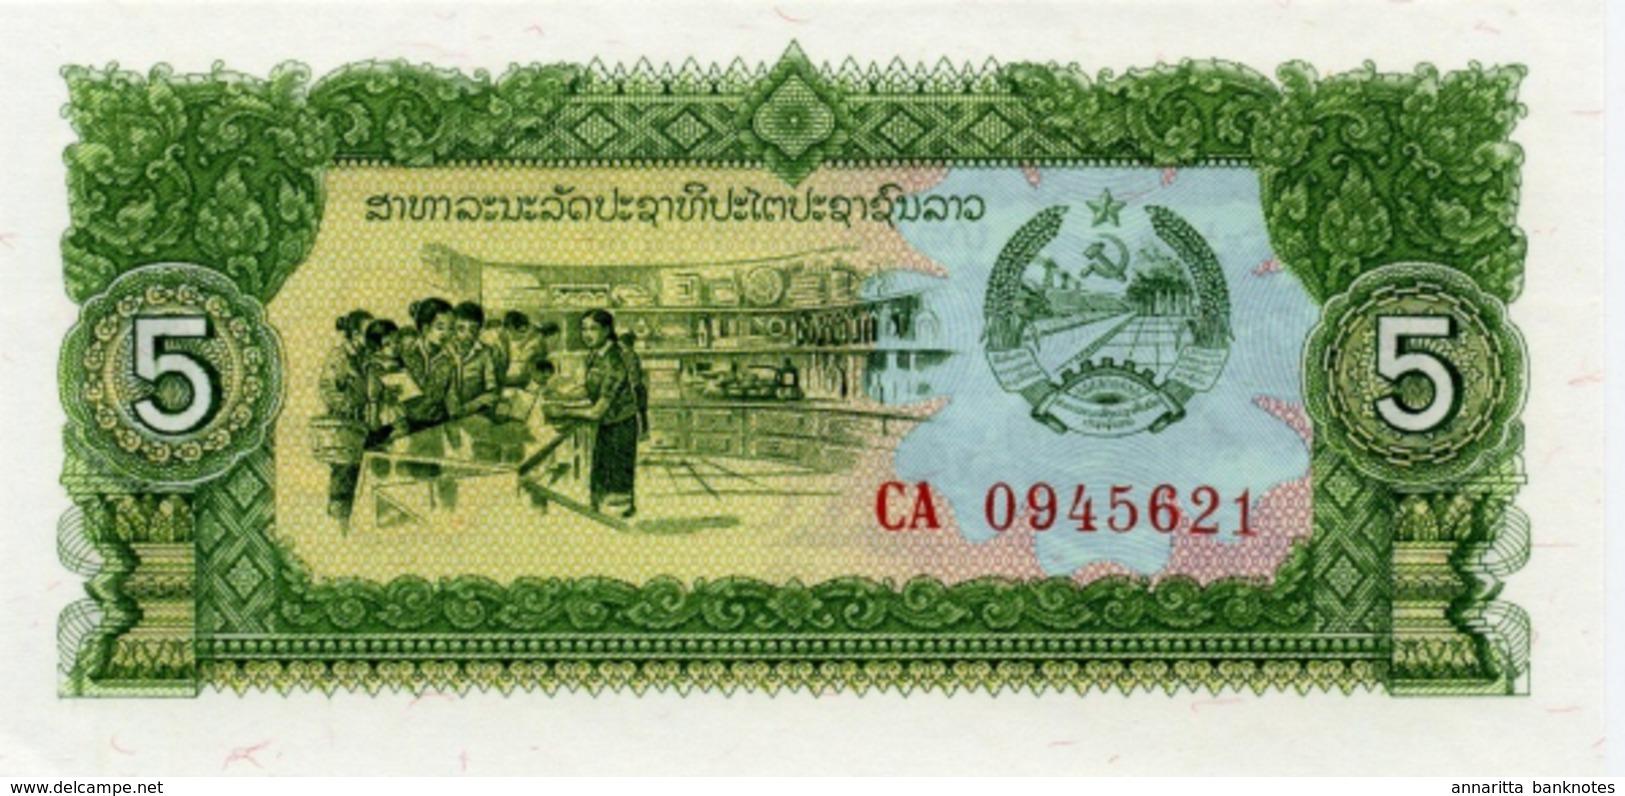 LAOS 5 KIP ND (1979) P-26 UNC [LA502a] - Laos